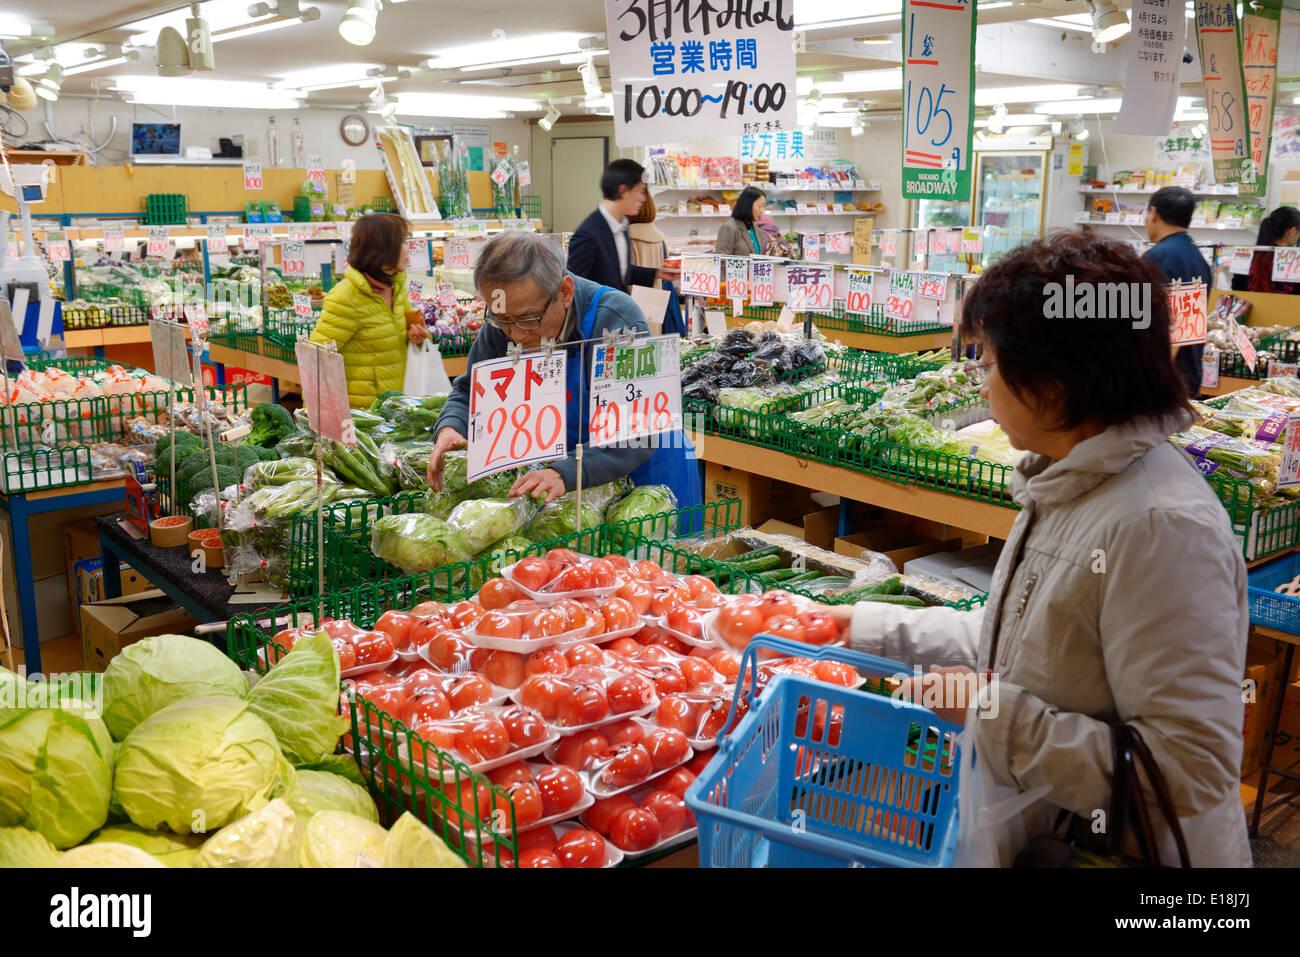 Menschen im japanischen Supermarkt. Tokio, Japan. Stockbild